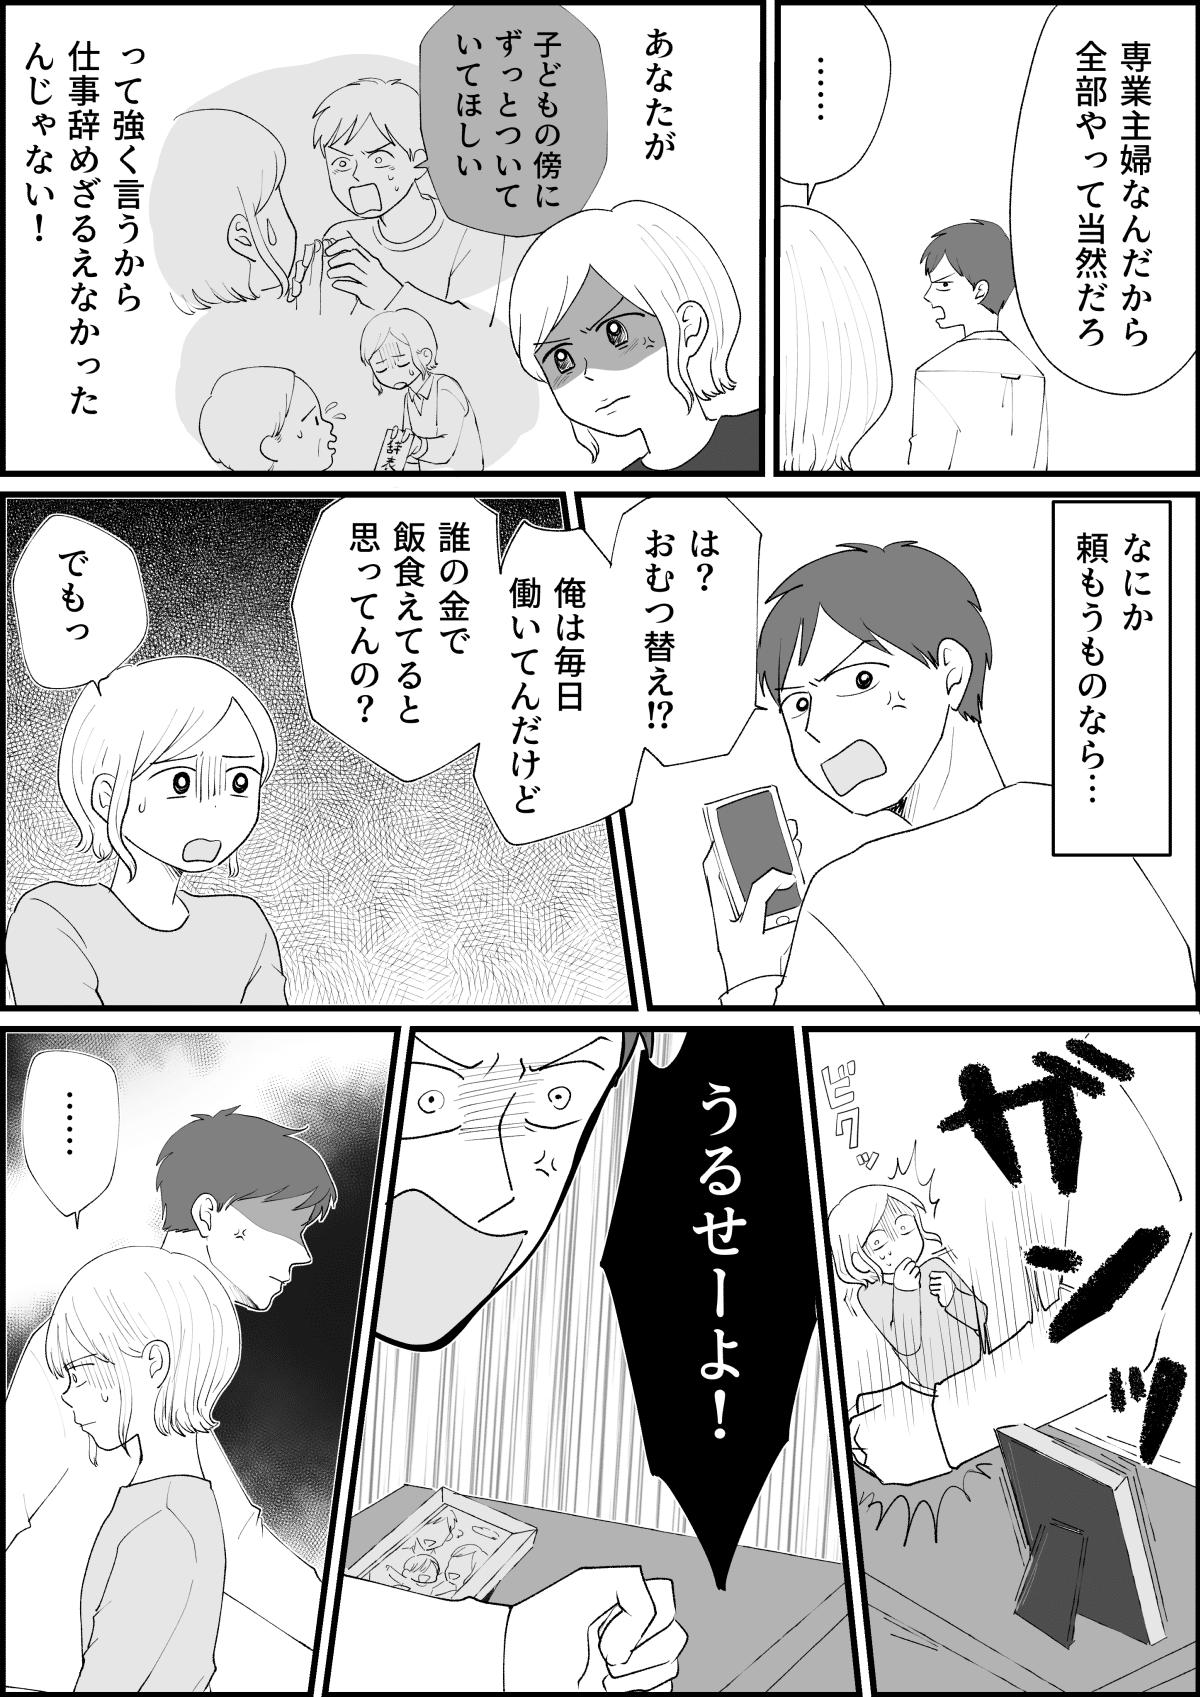 <産後クライシス・家庭内別居>